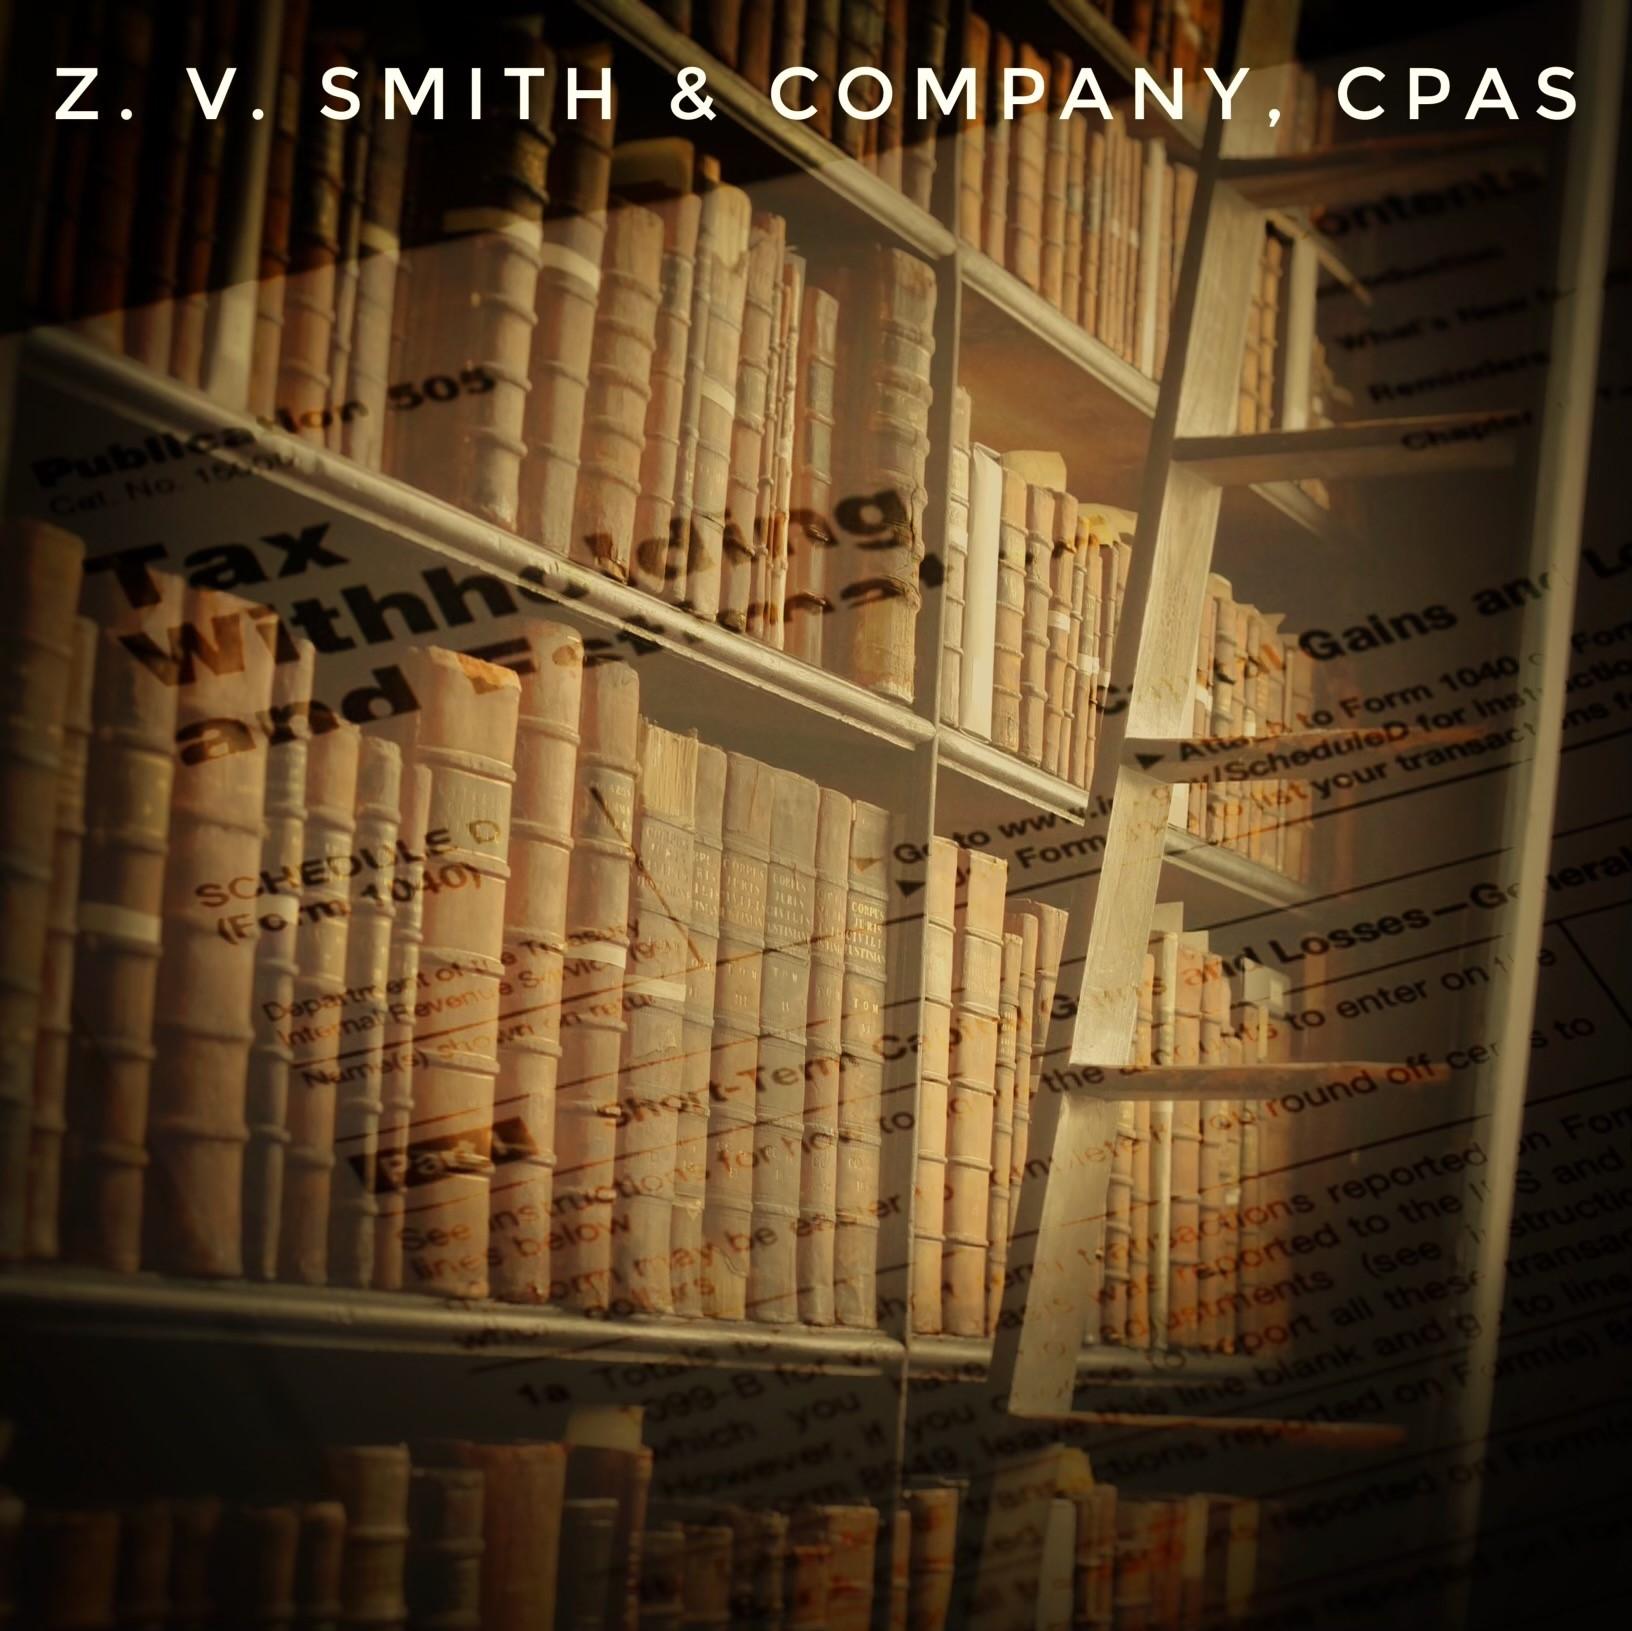 Z. V. Smith & Company, CPAs